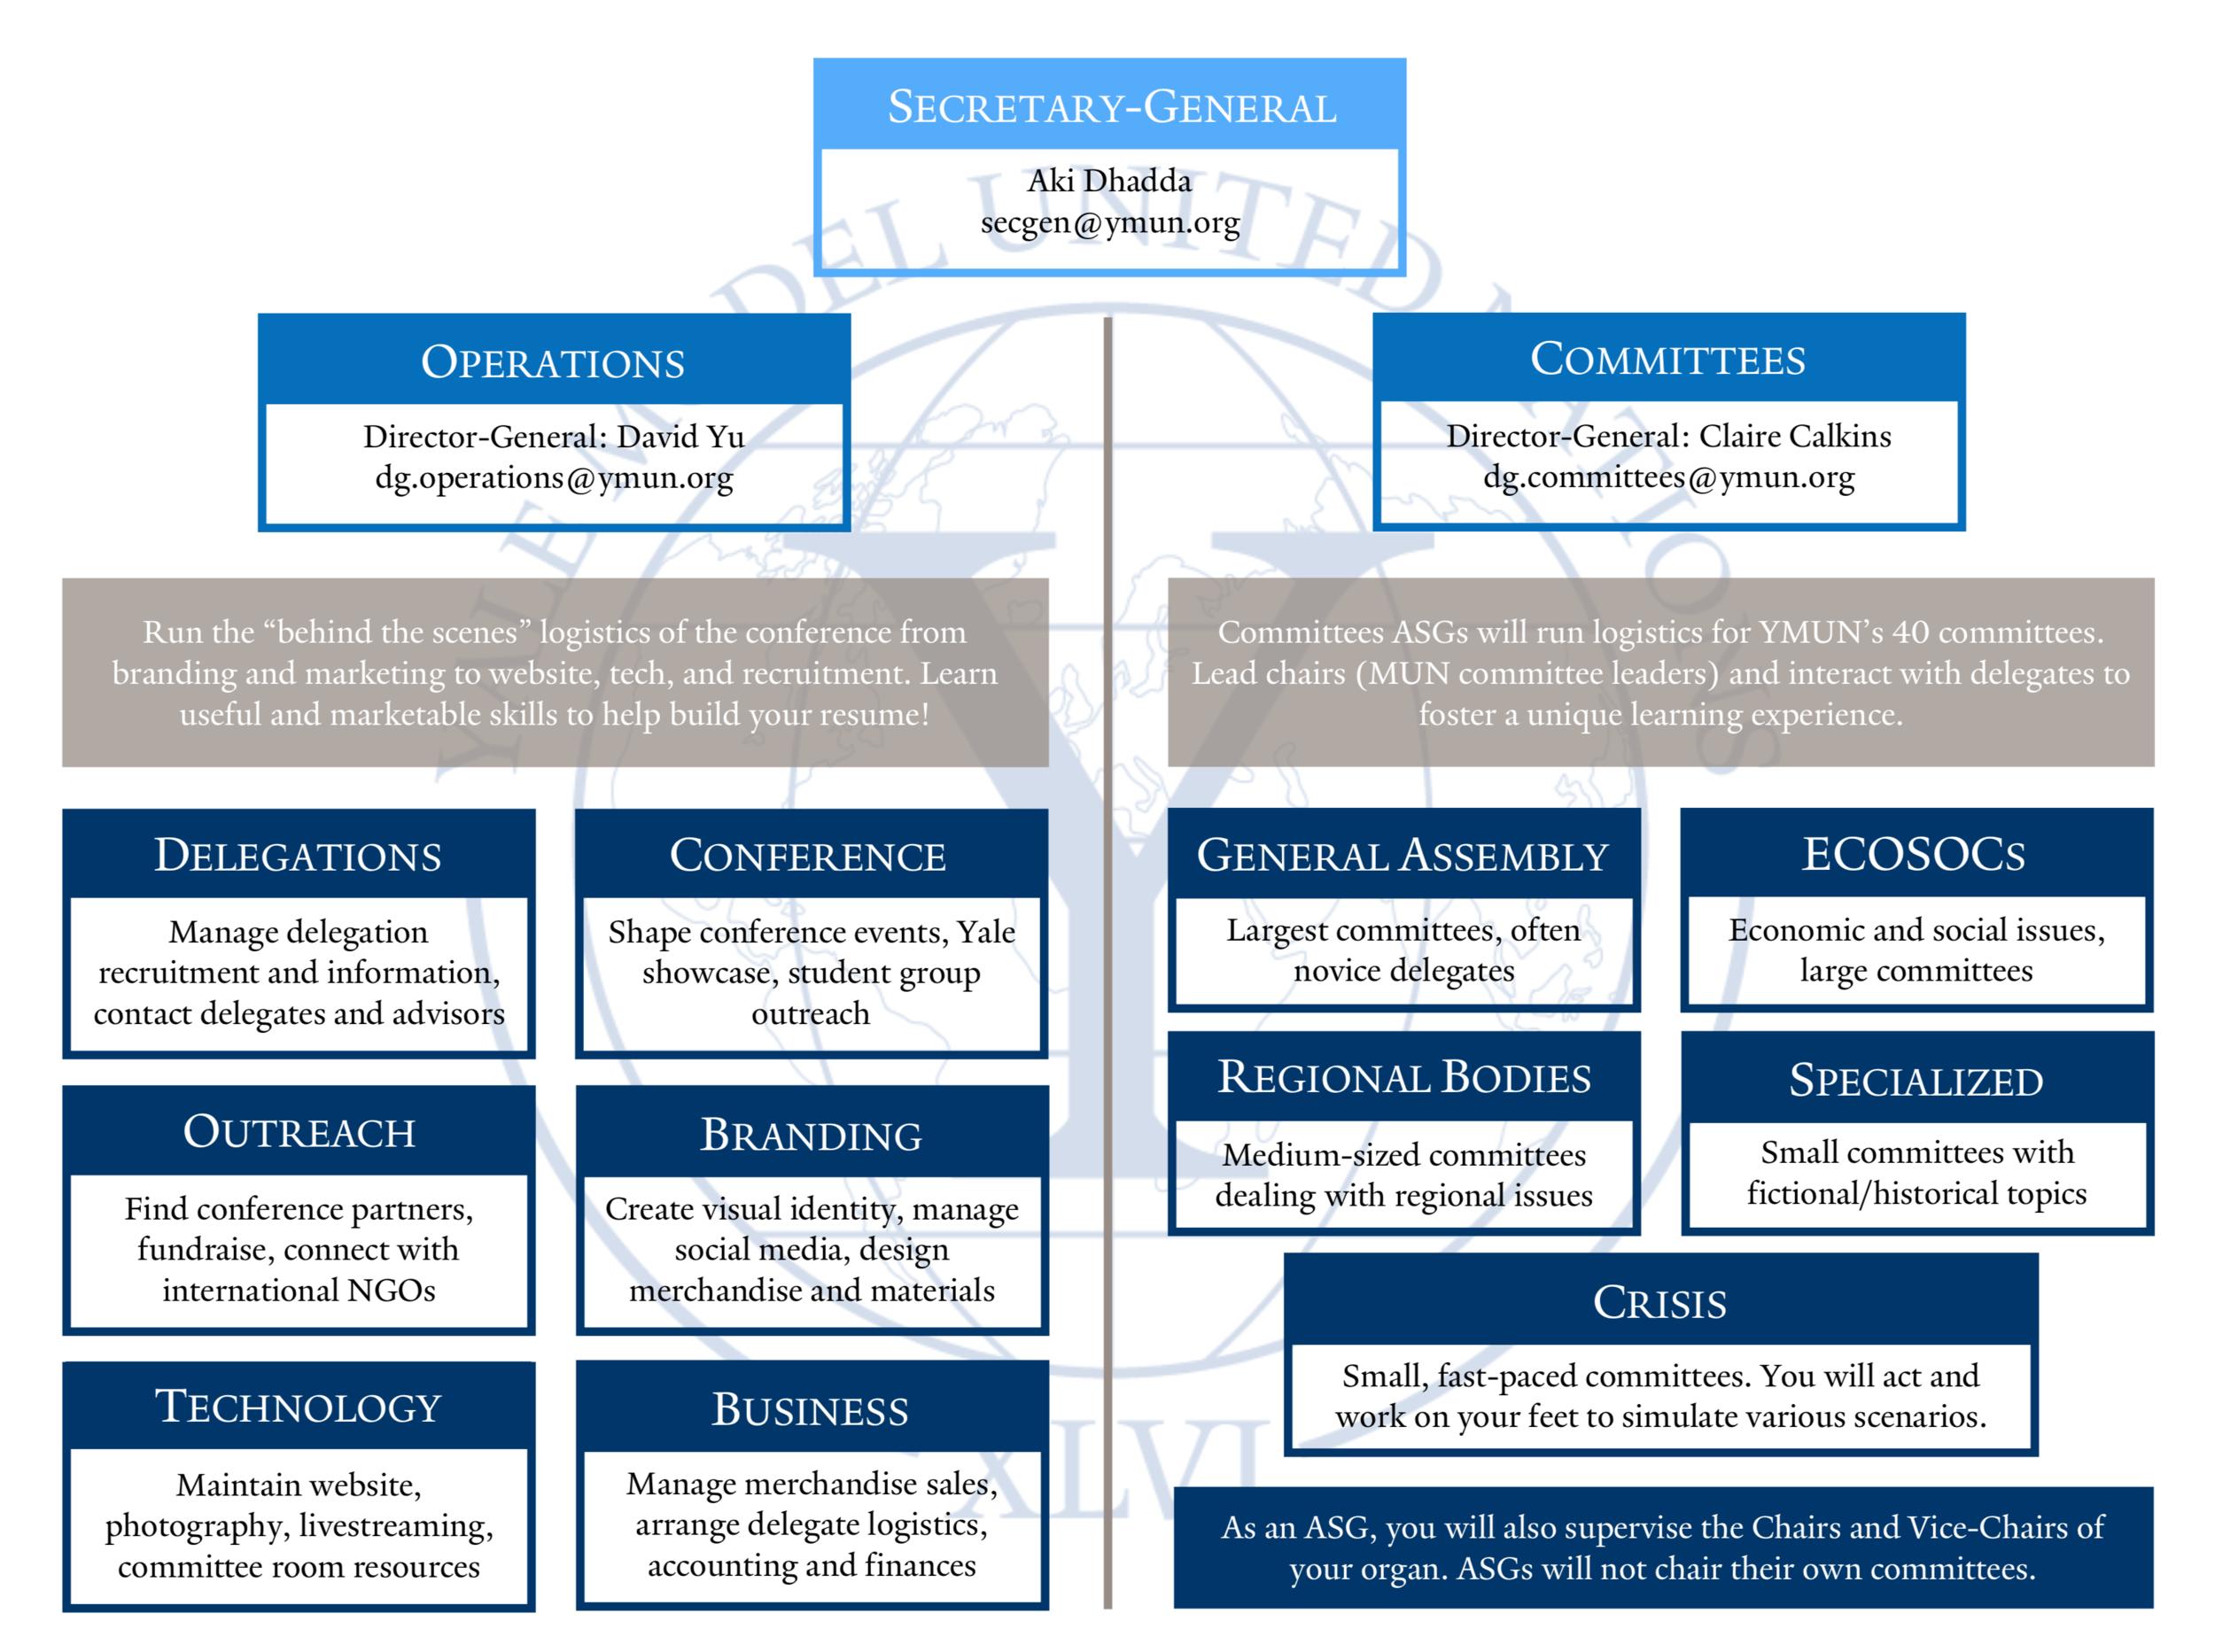 Secretariat Structure Diagram - Click to enlarge